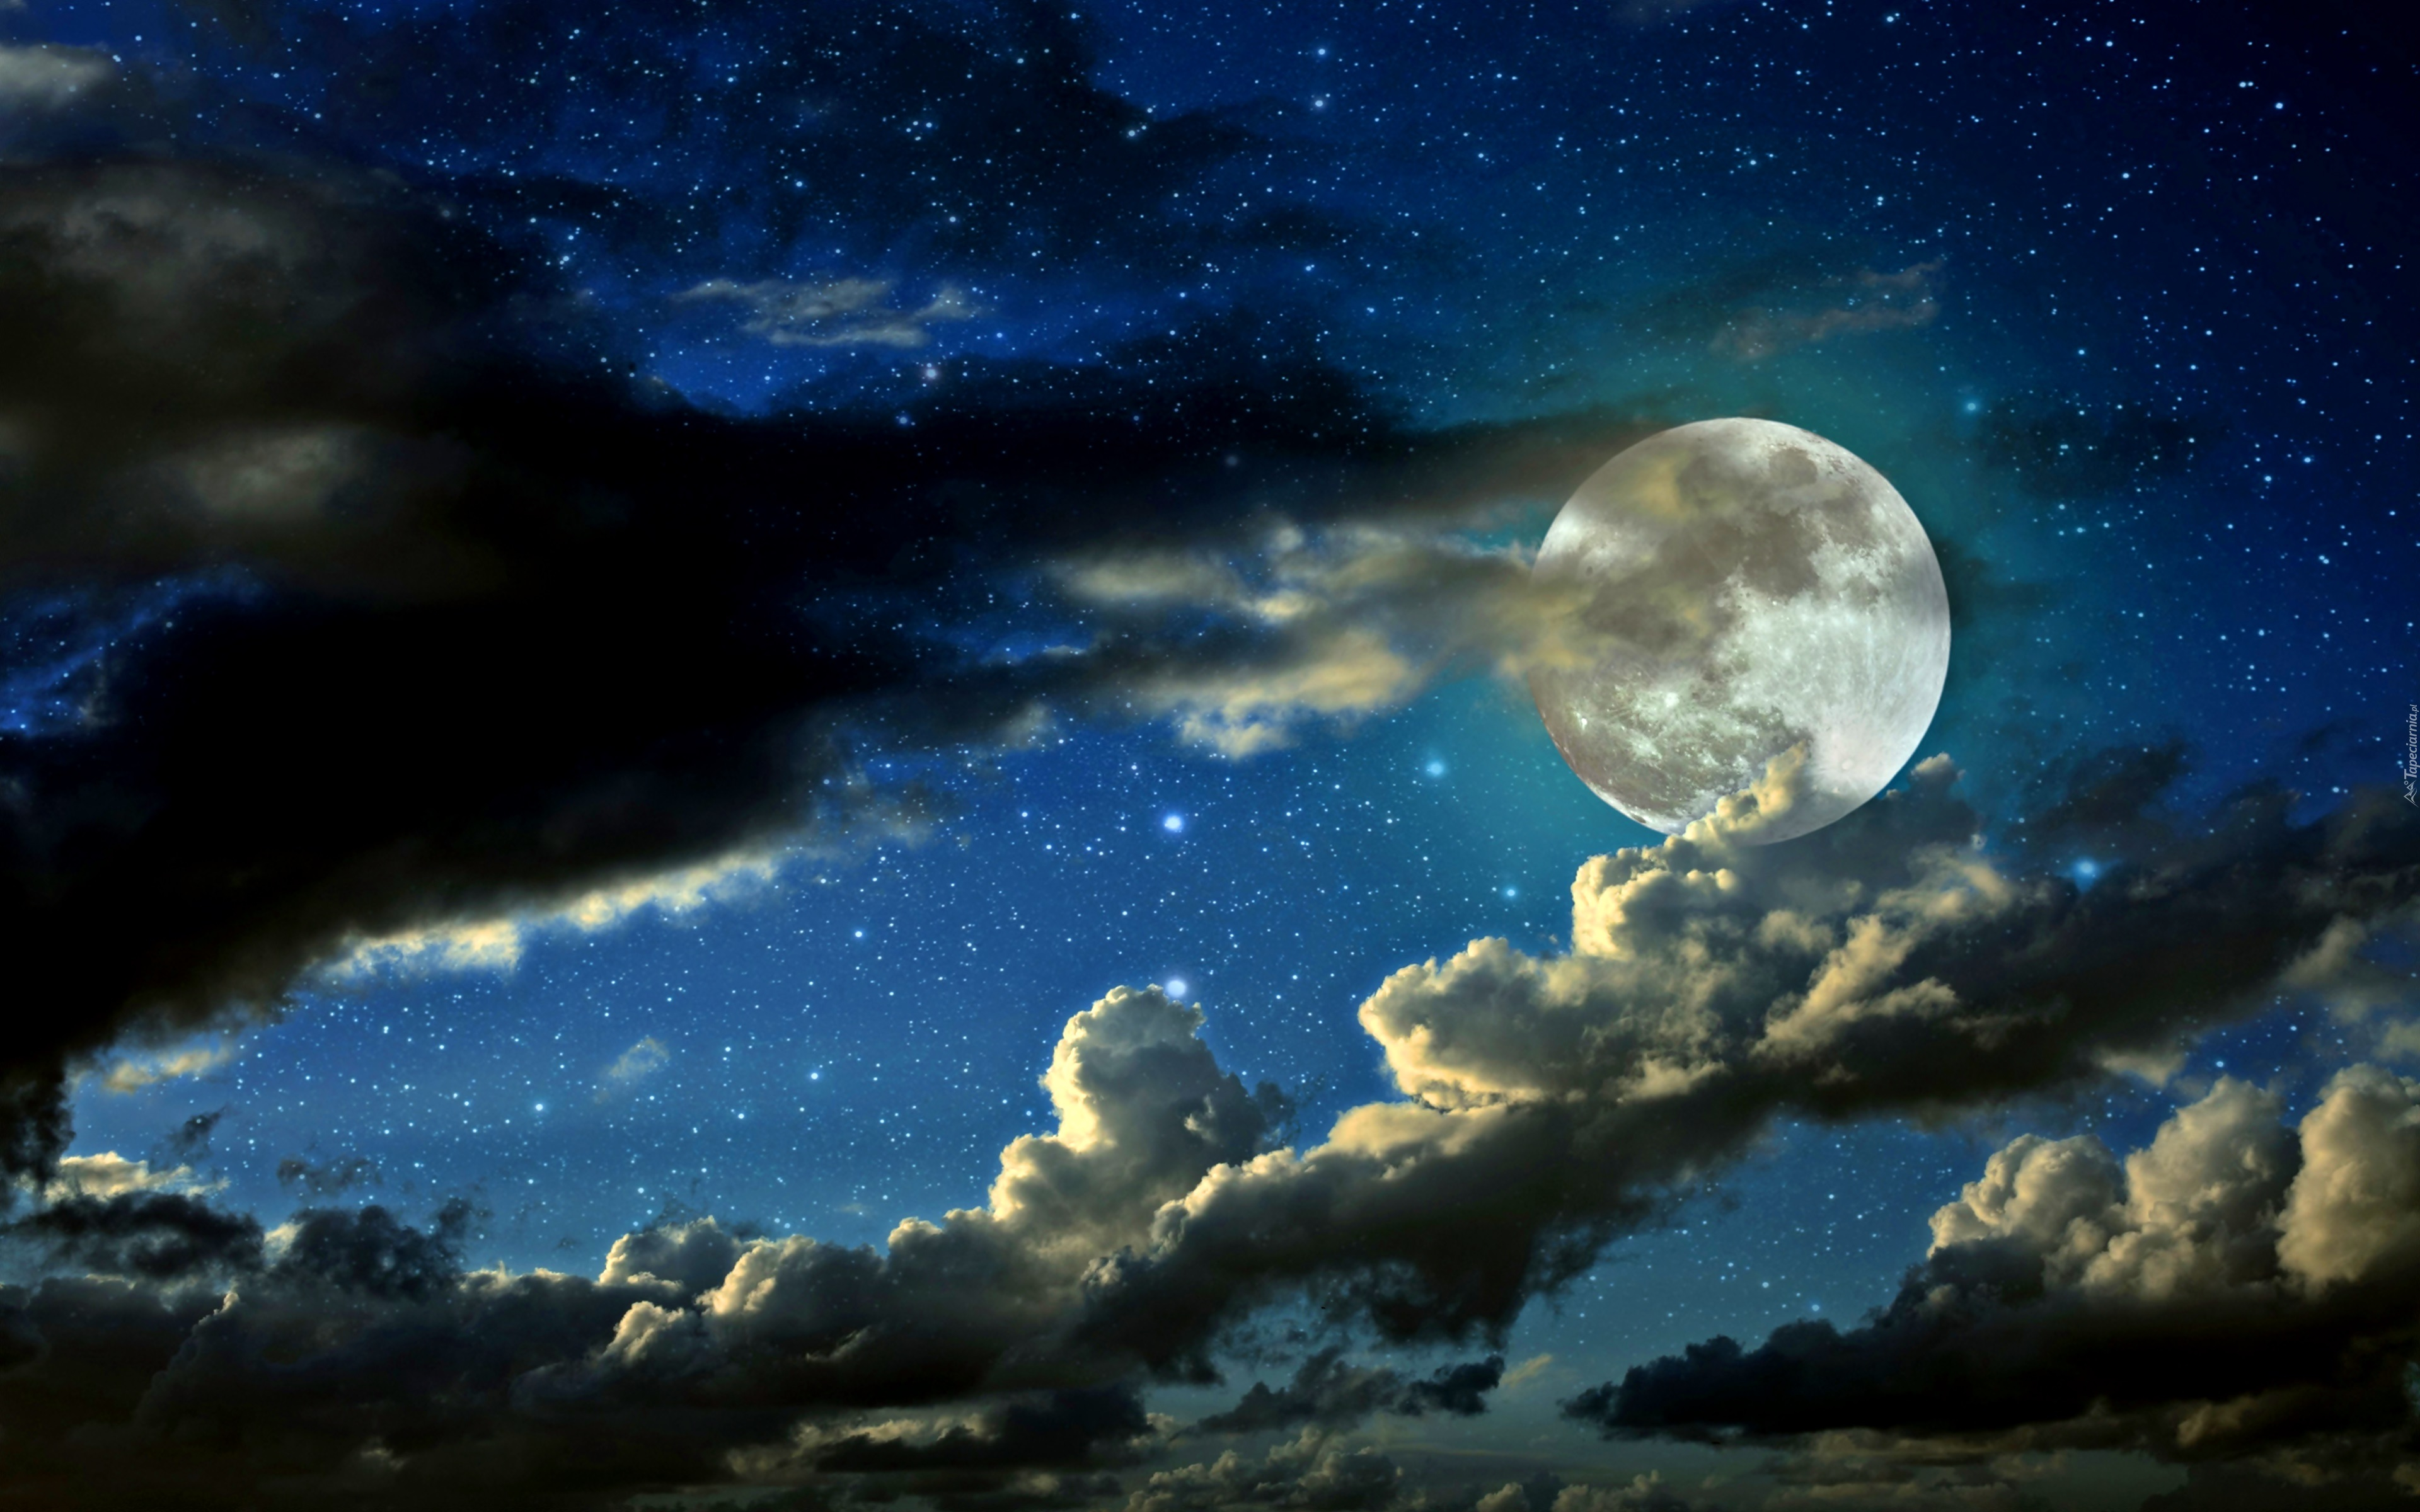 Znalezione obrazy dla zapytania noc z gwiazdami i ksiezycem